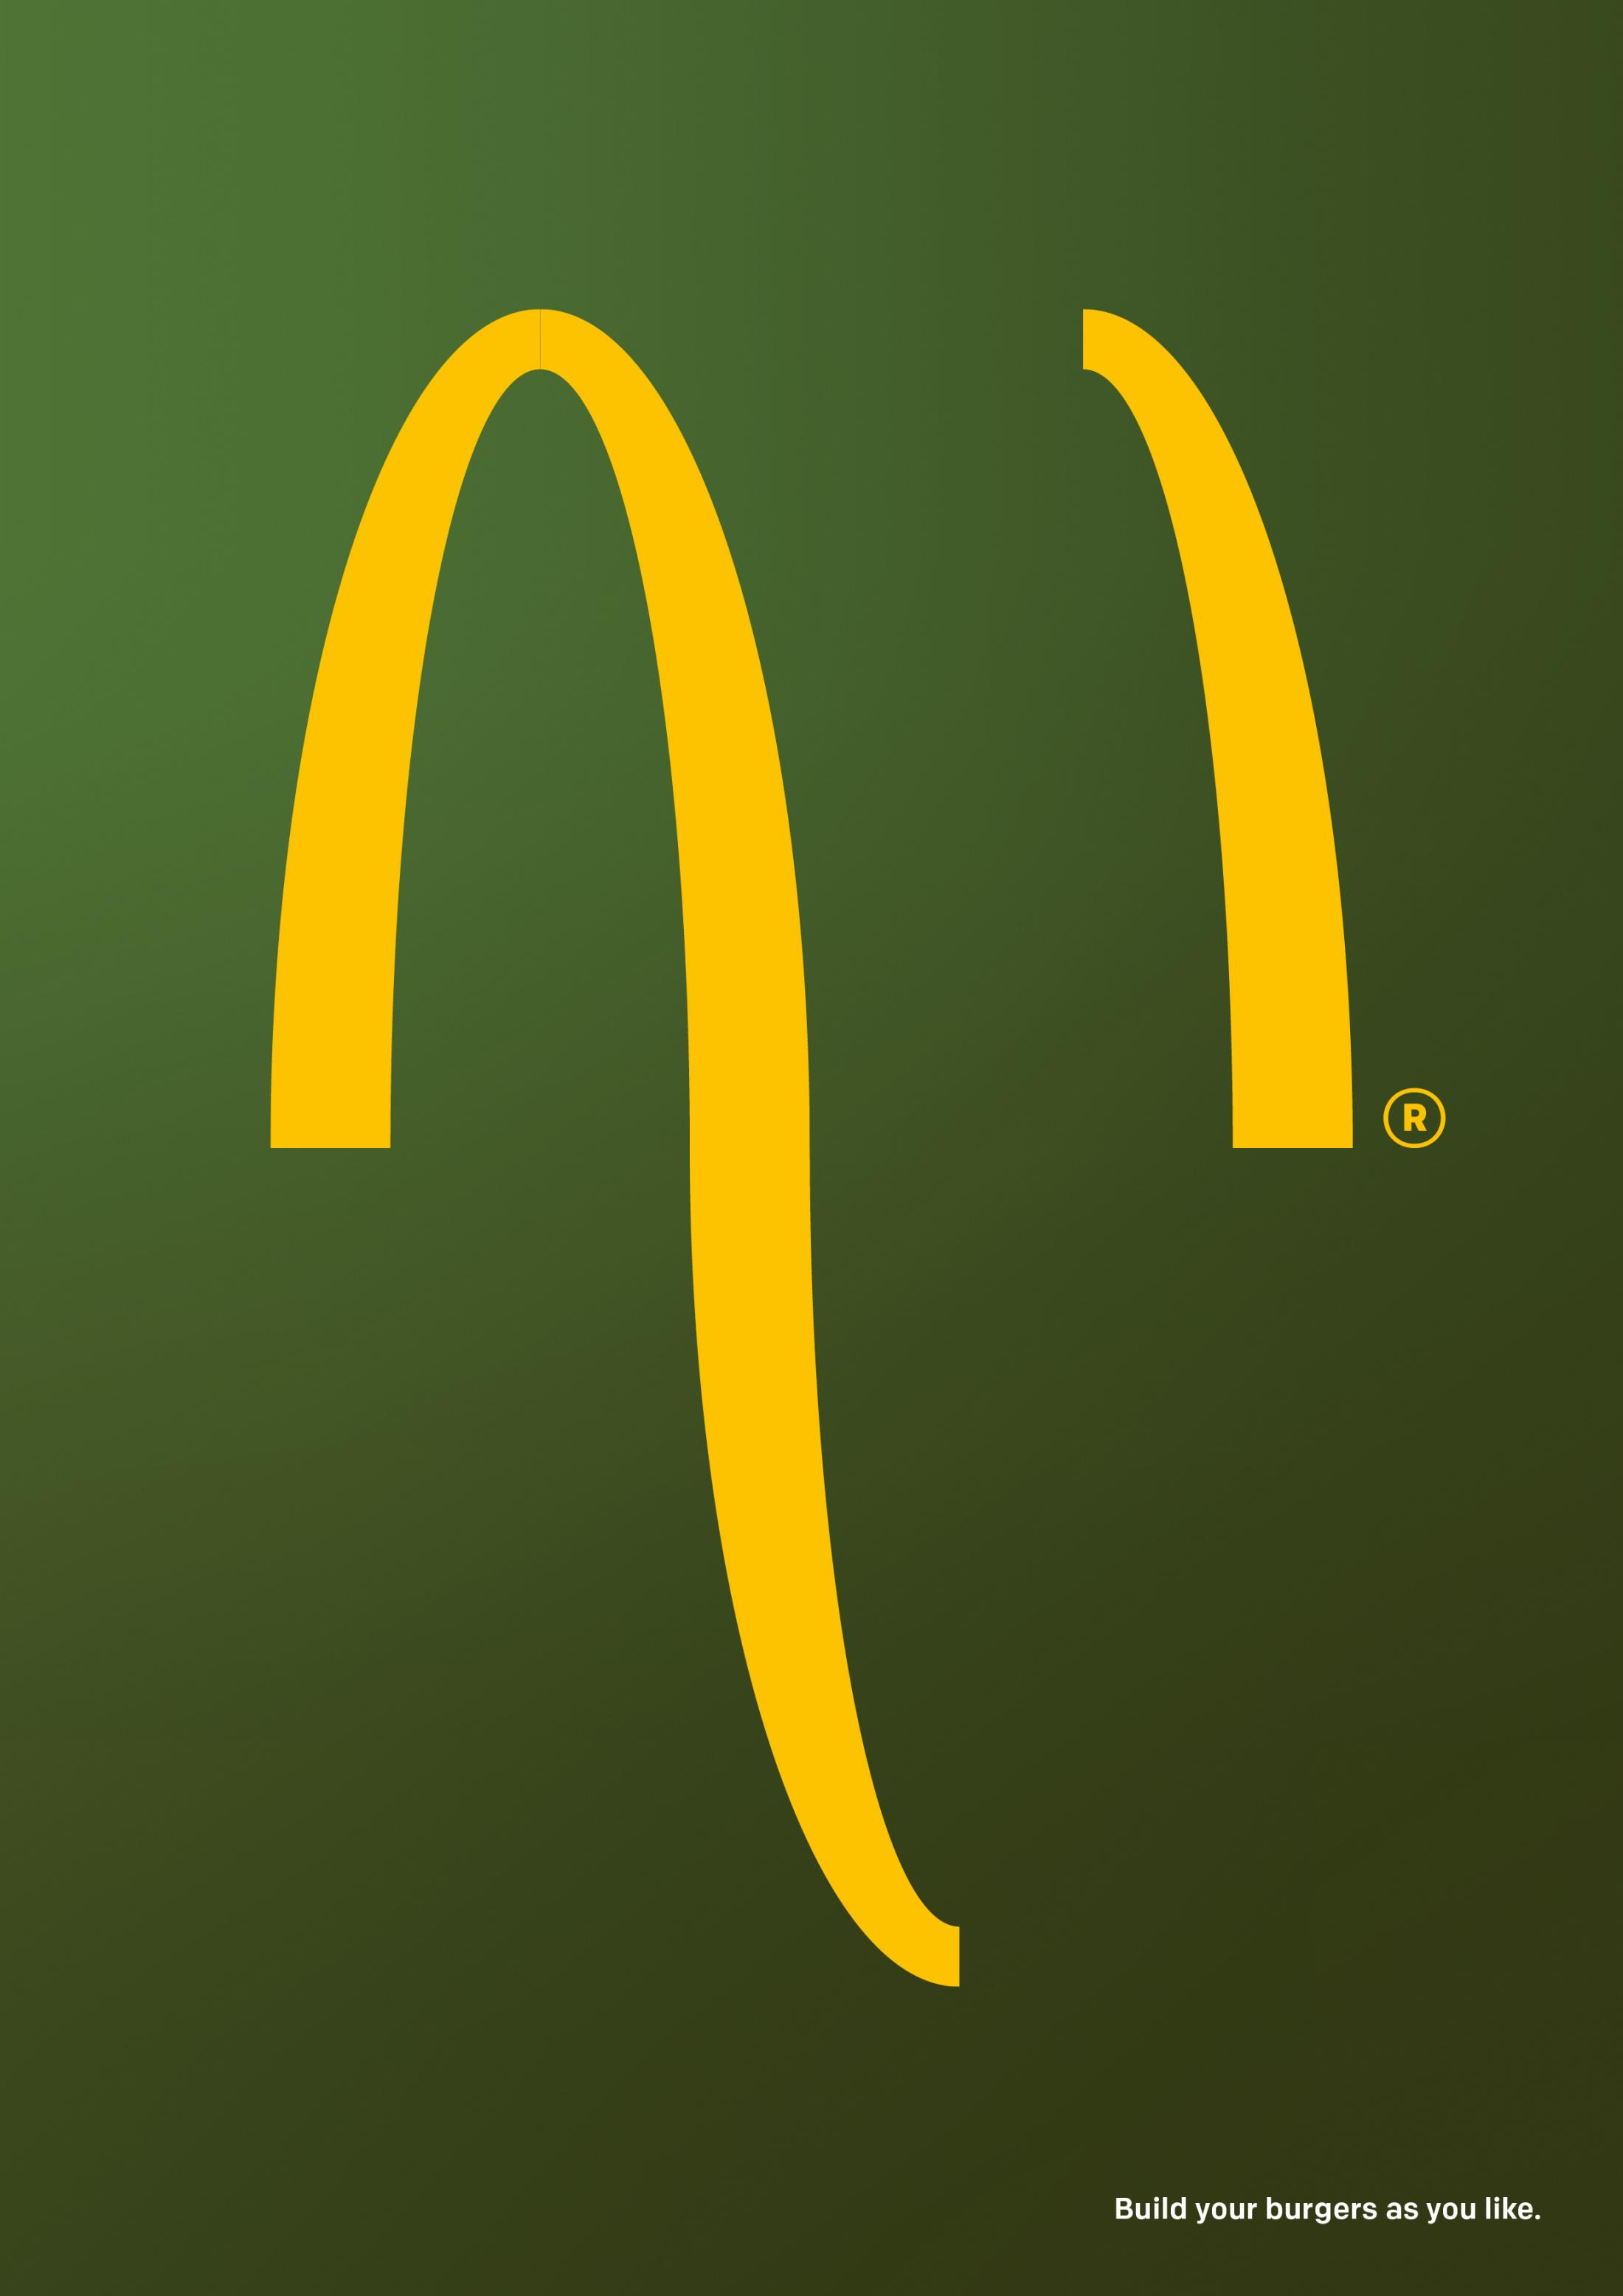 McDonald's Print Ad - Build As You Like, 2